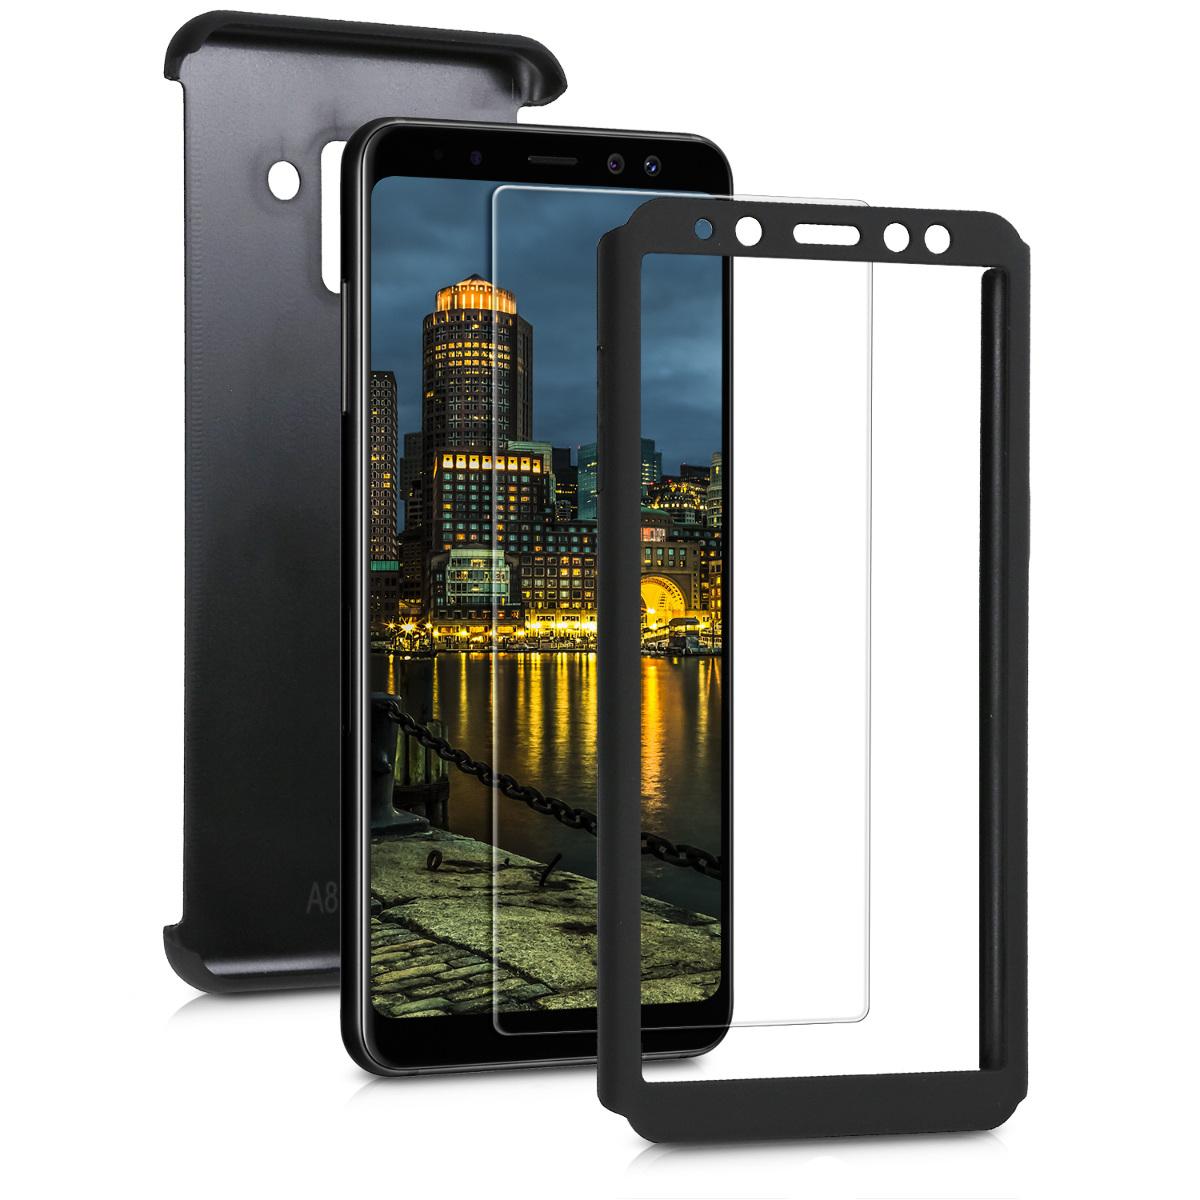 KW Θήκη Full Body για Samsung Galaxy A8 (2018) & Screen Protector - Μαύρο μεταλλικό (45624.68)